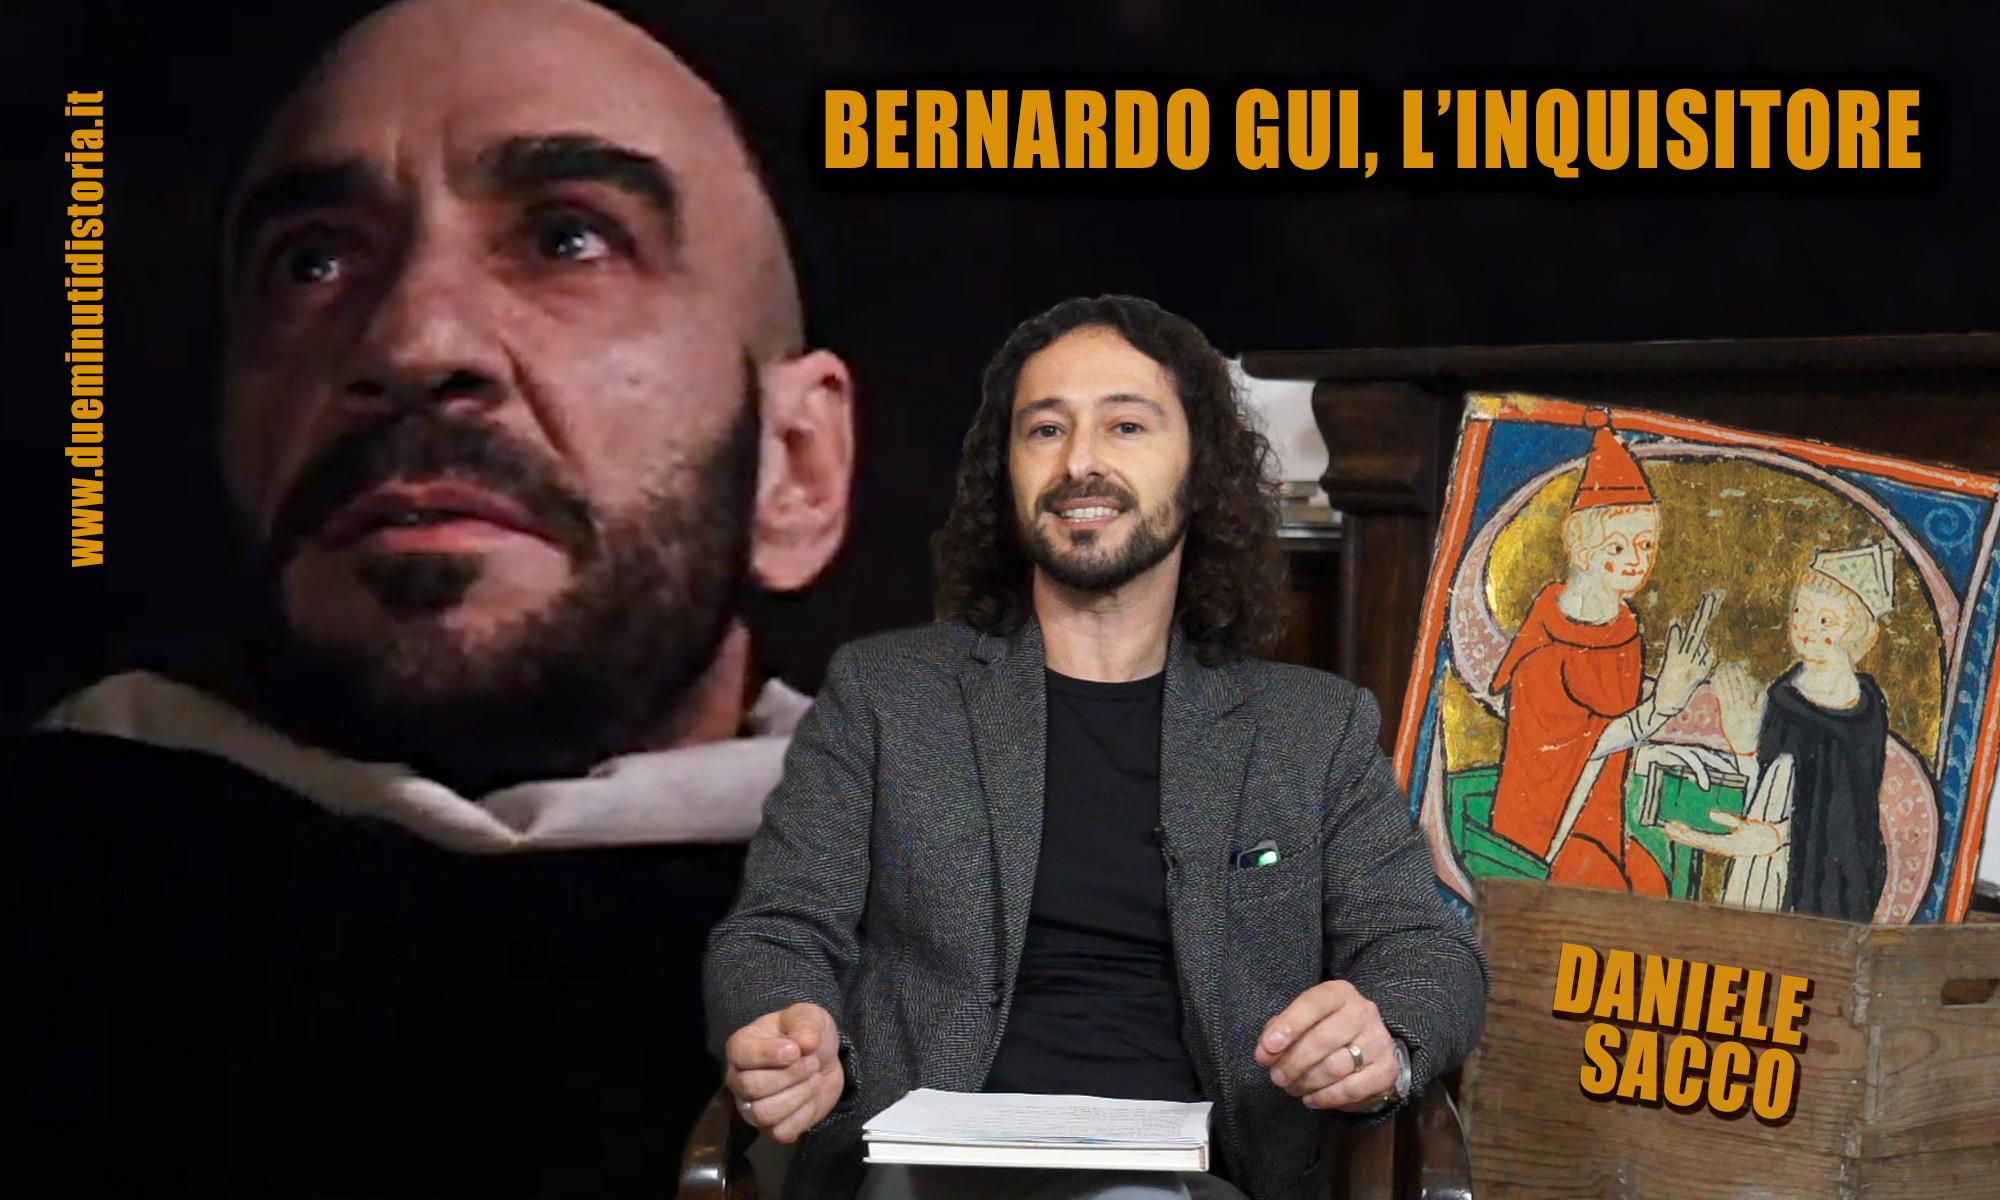 L'inquisitore Bernardo Gui